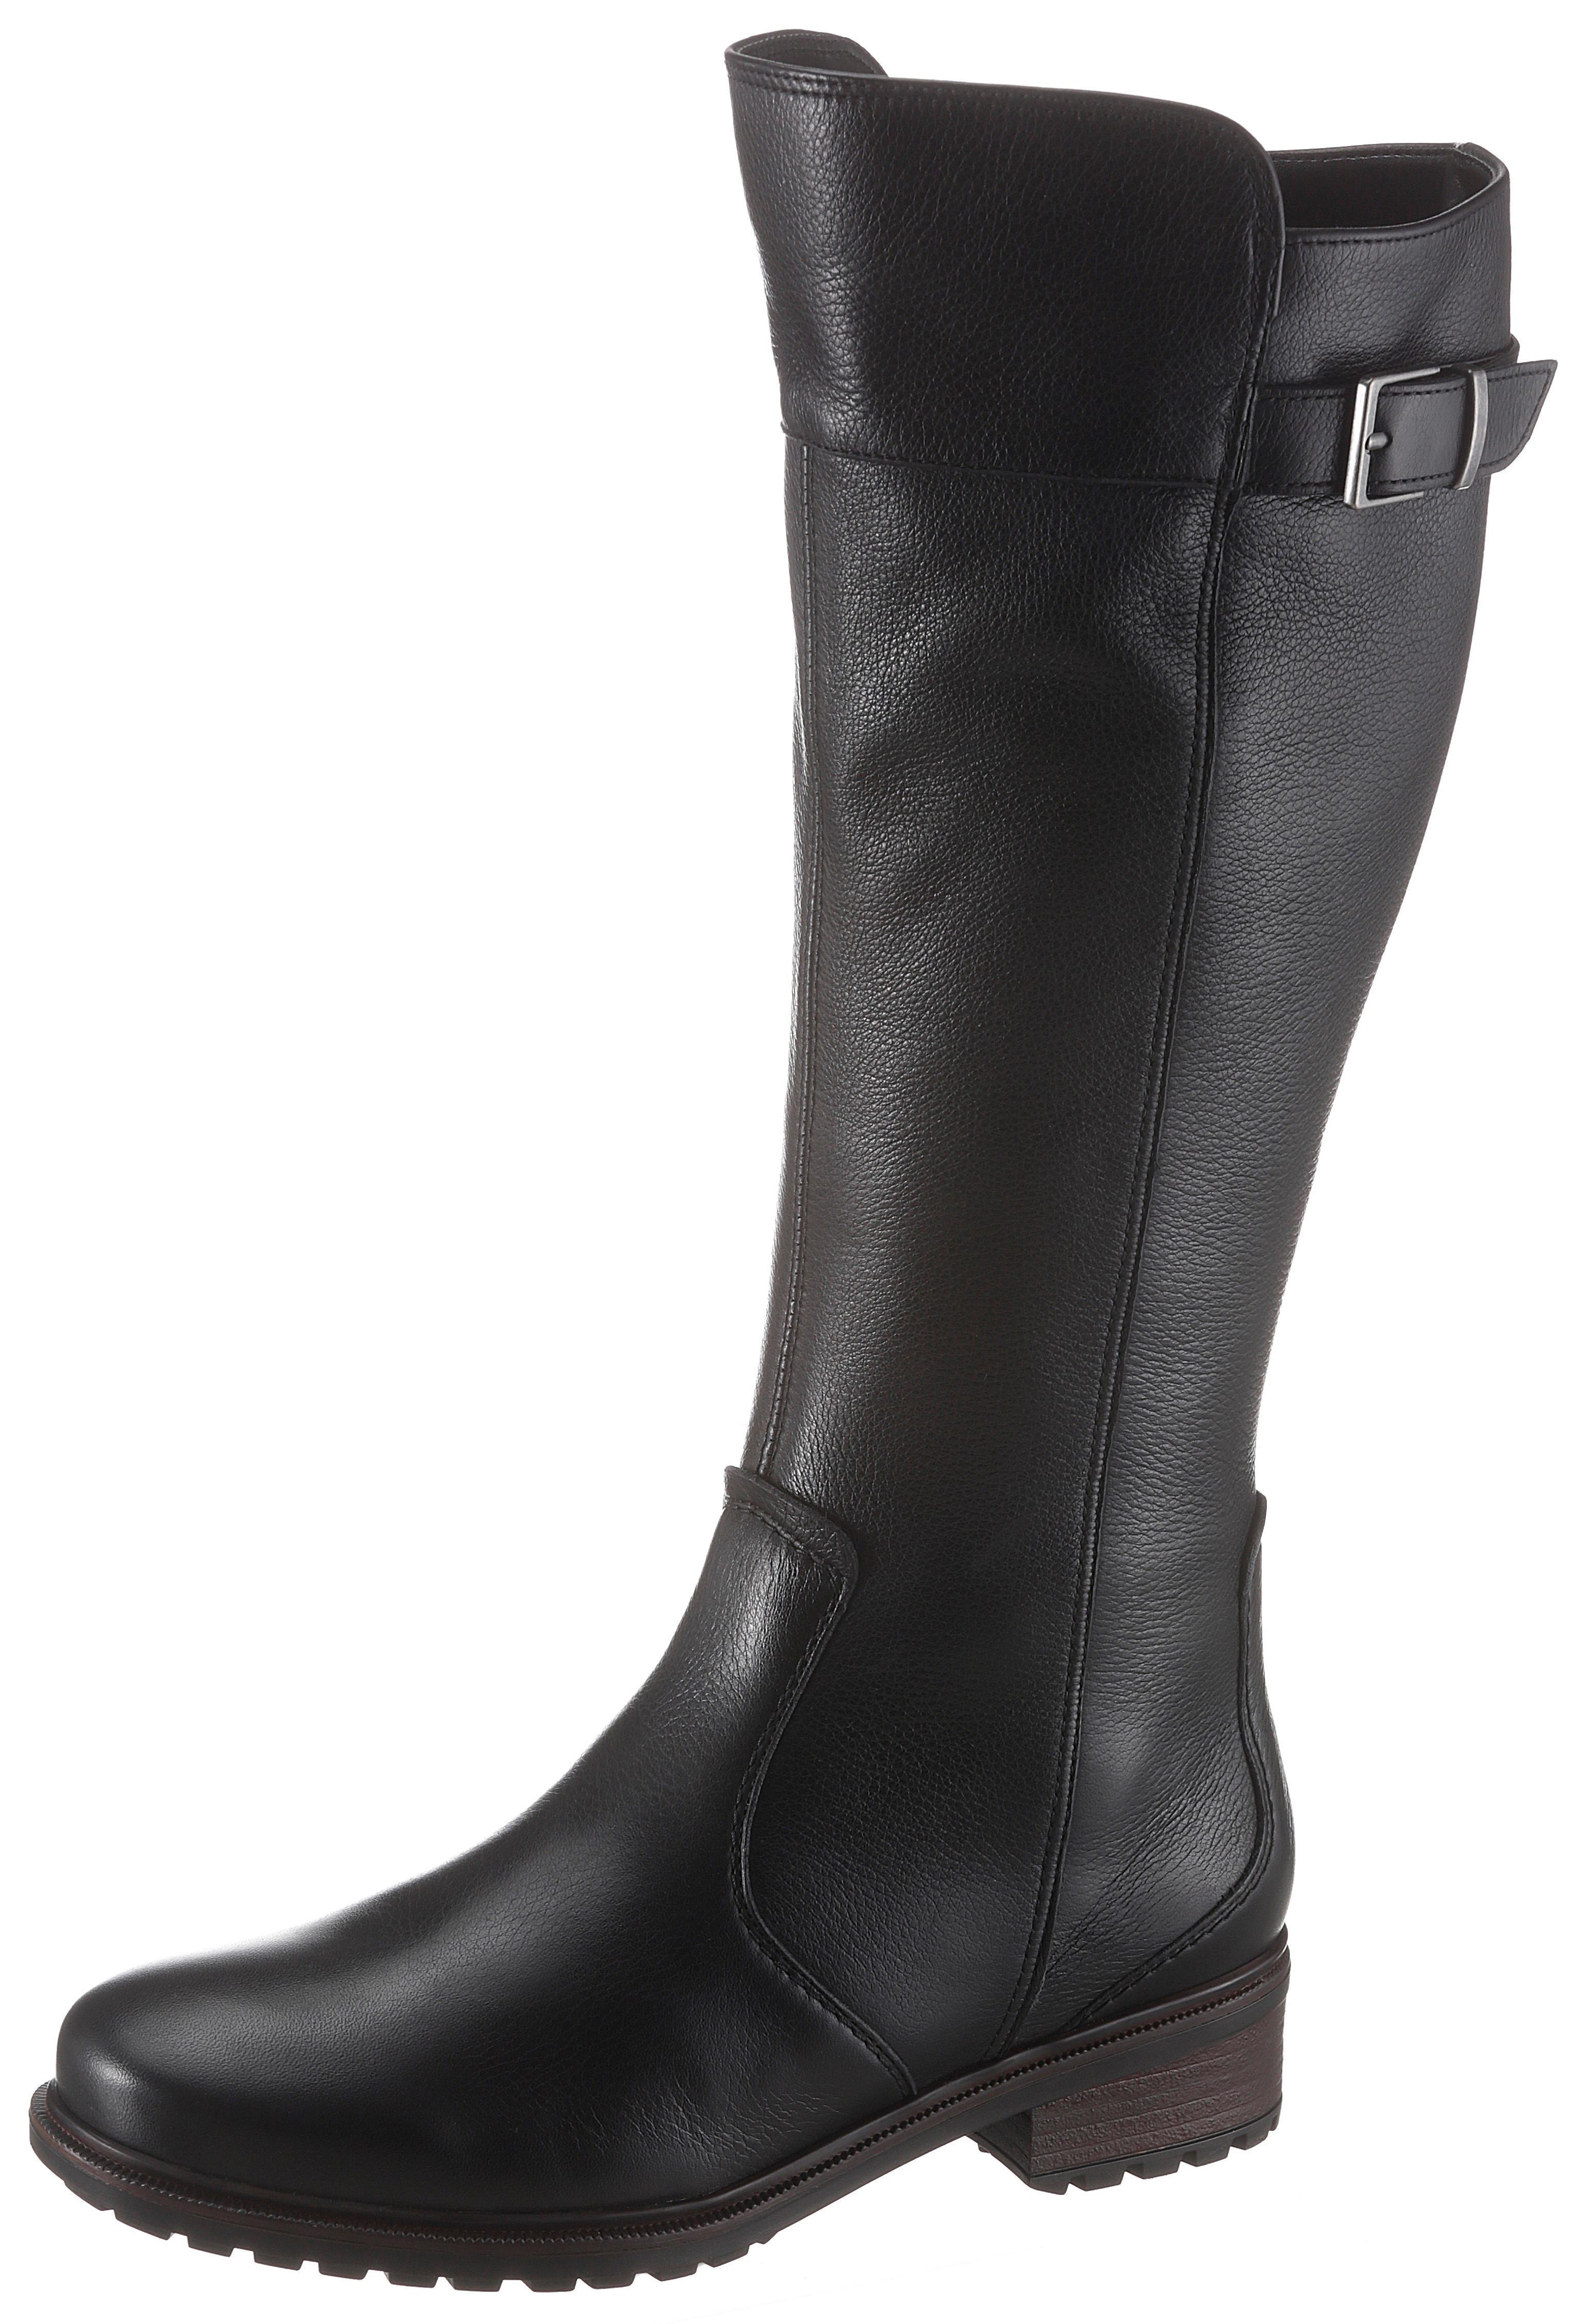 Ara Weitschaftstiefel KANSAS | Schuhe > Stiefel > Weitschaftstiefel | Ara